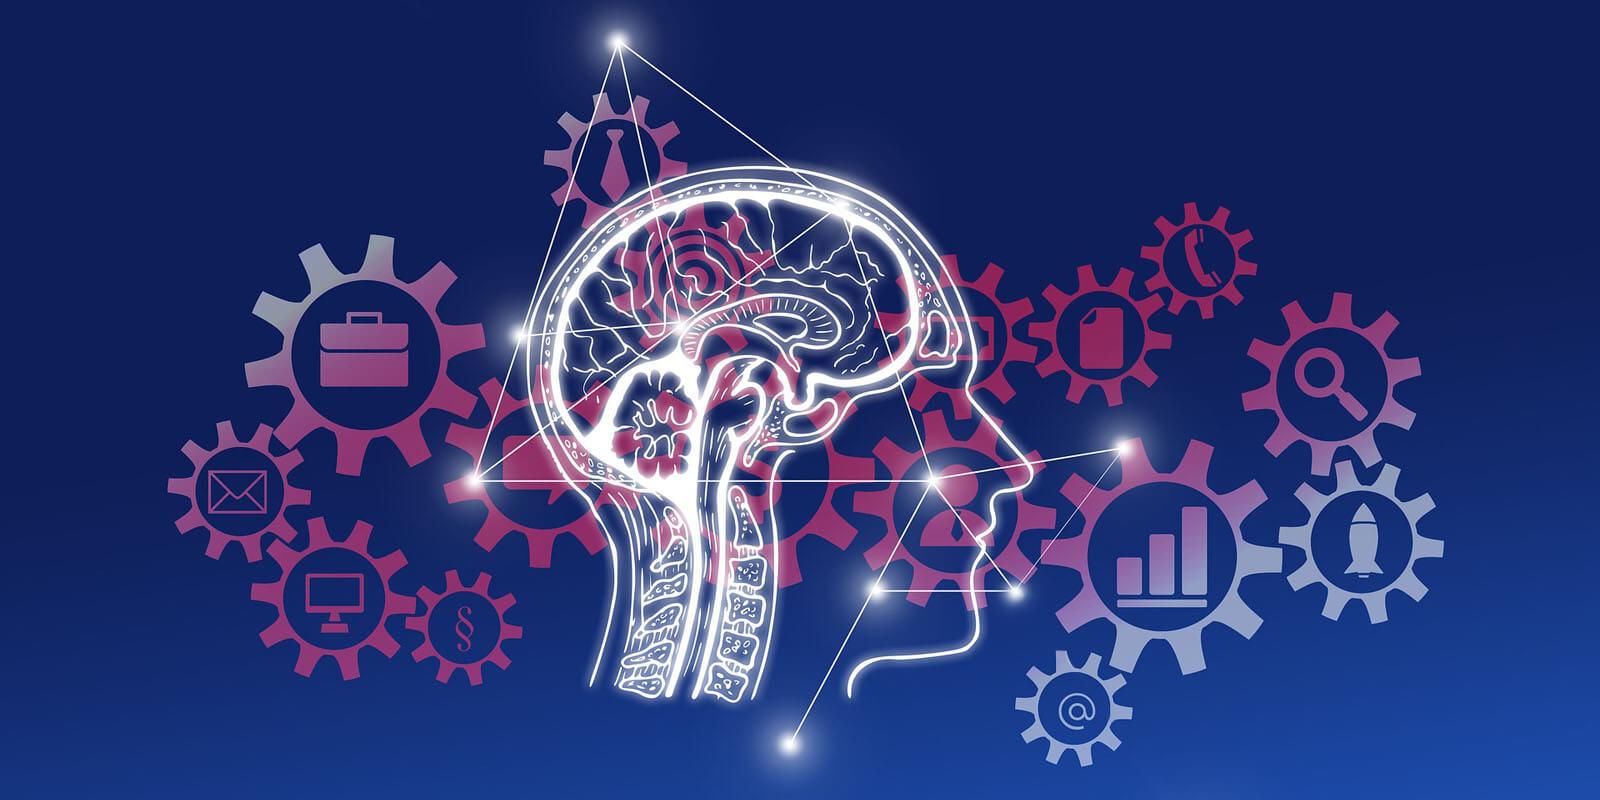 Referenz umfassende Pressearbeit für Innovationswettbewerb KI für KMU